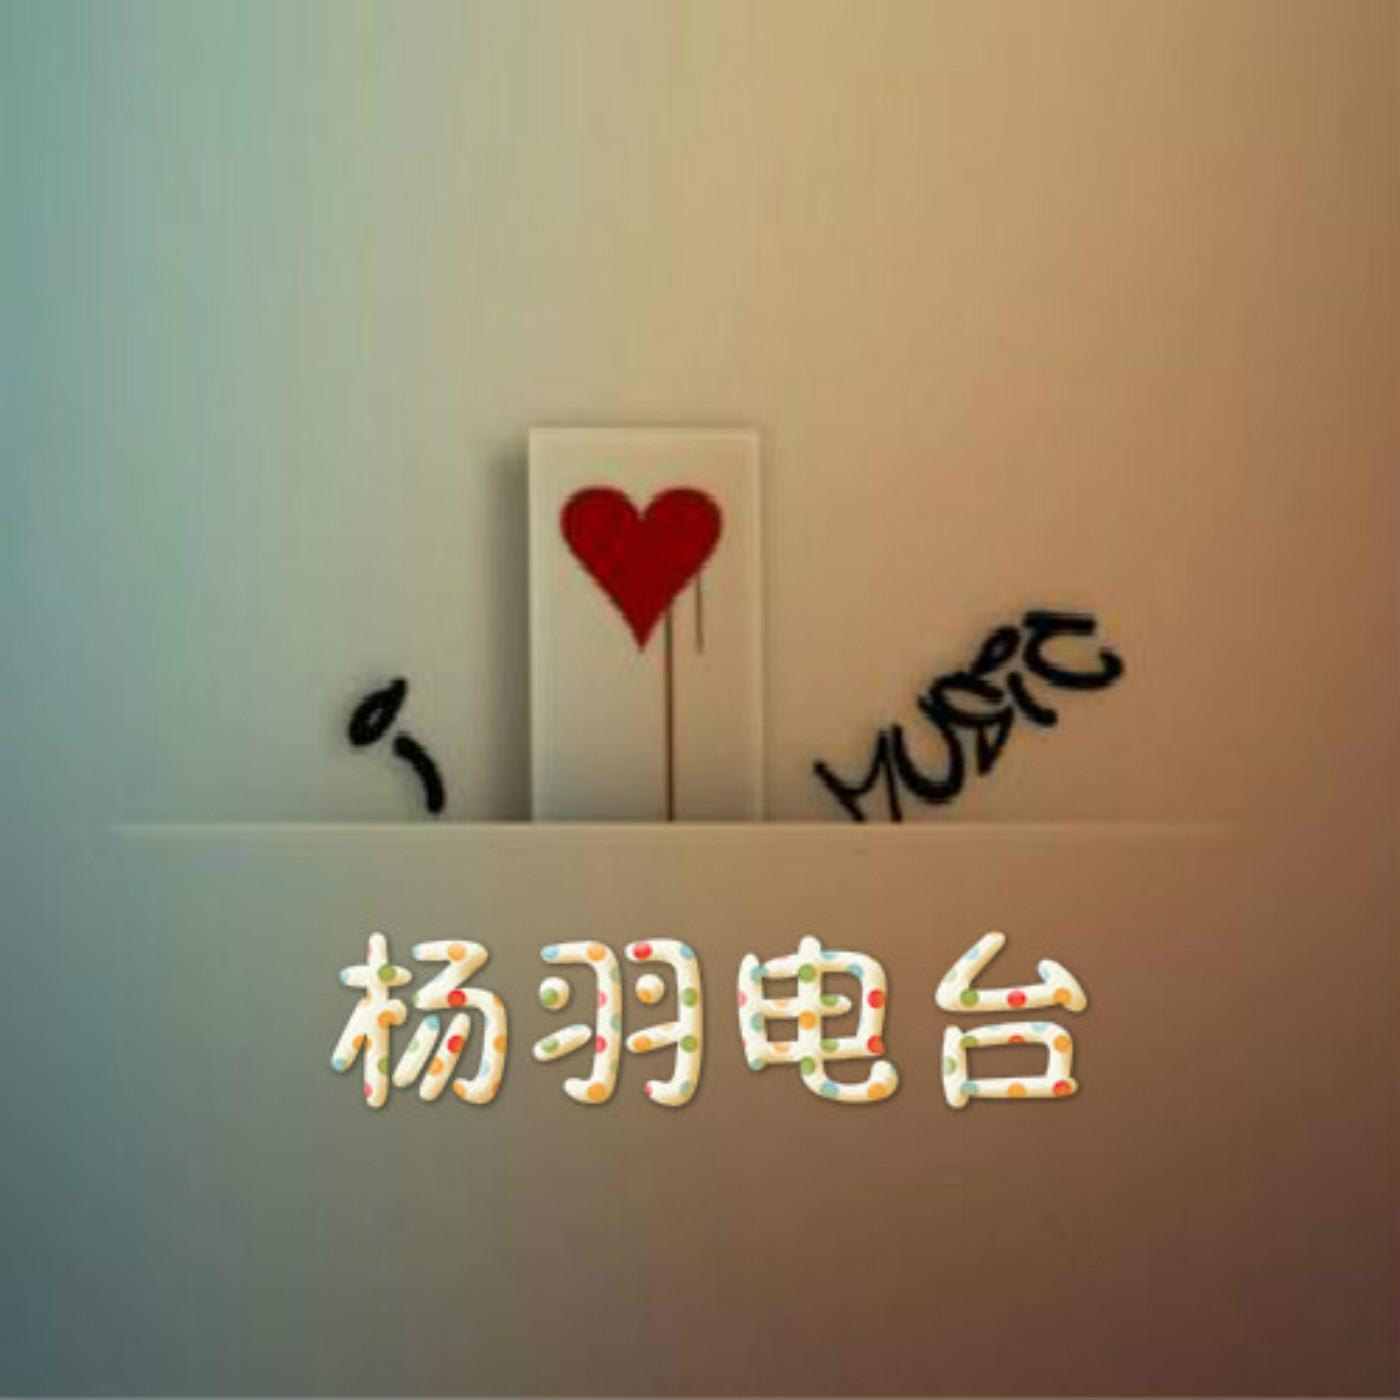 <![CDATA[DJ杨羽]]>